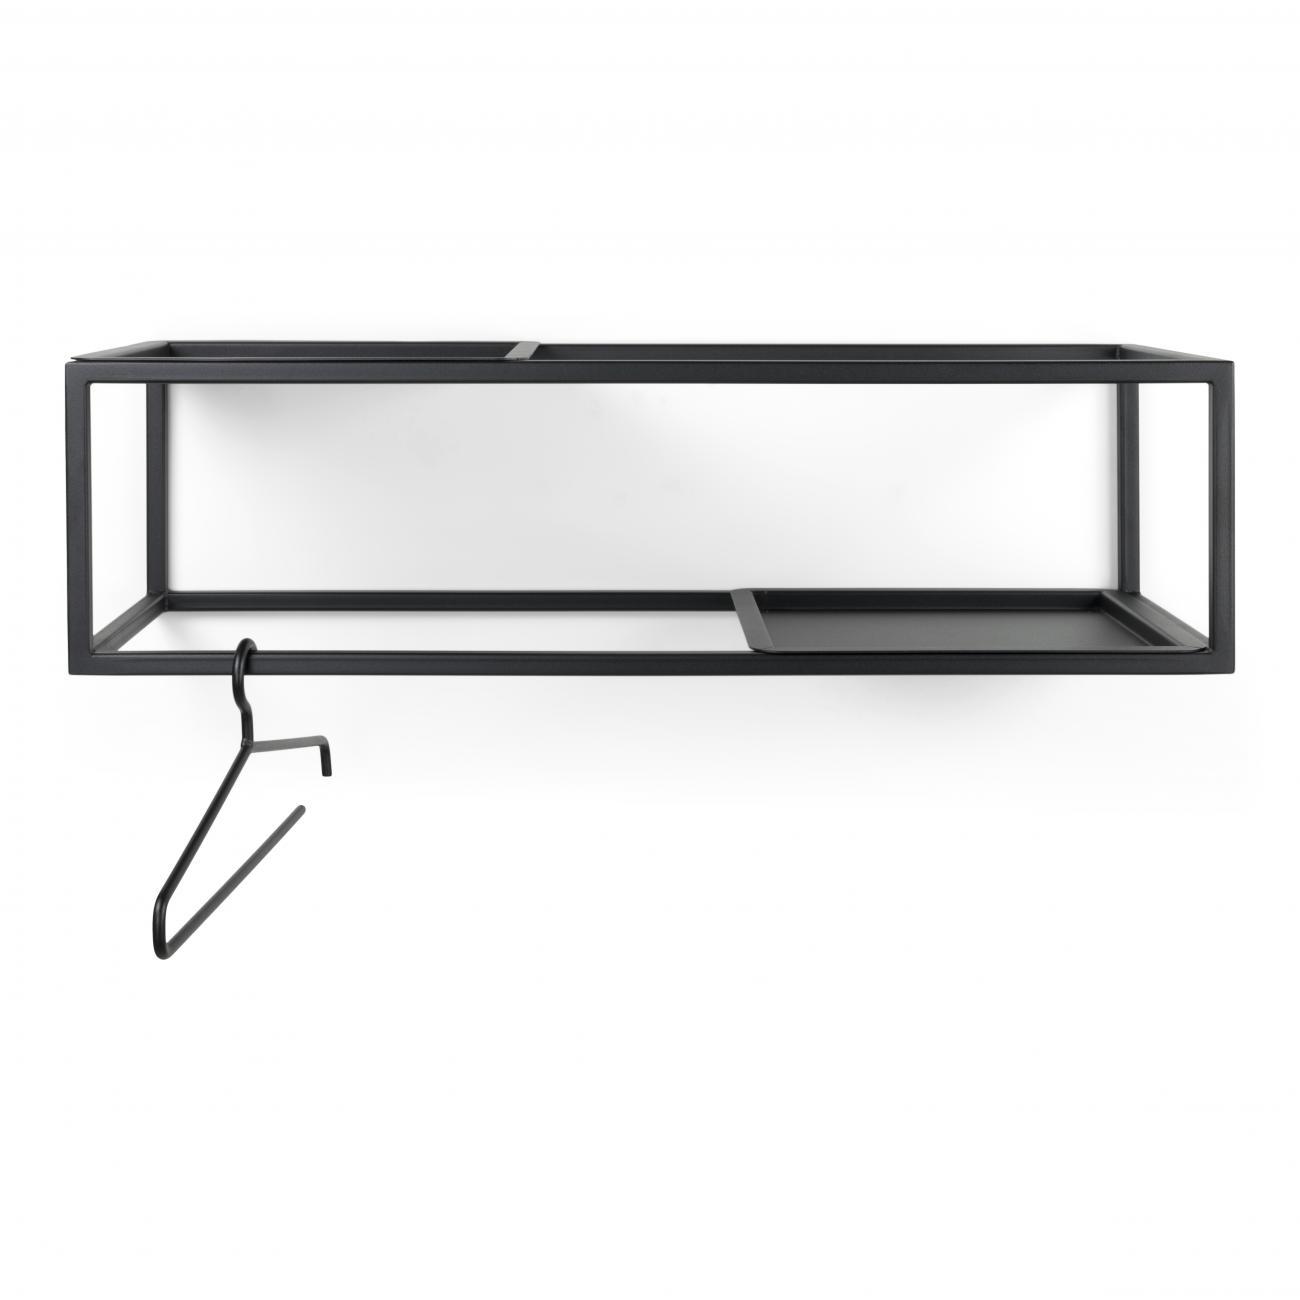 Torna Design Rack wandkapstok 78x21 cm